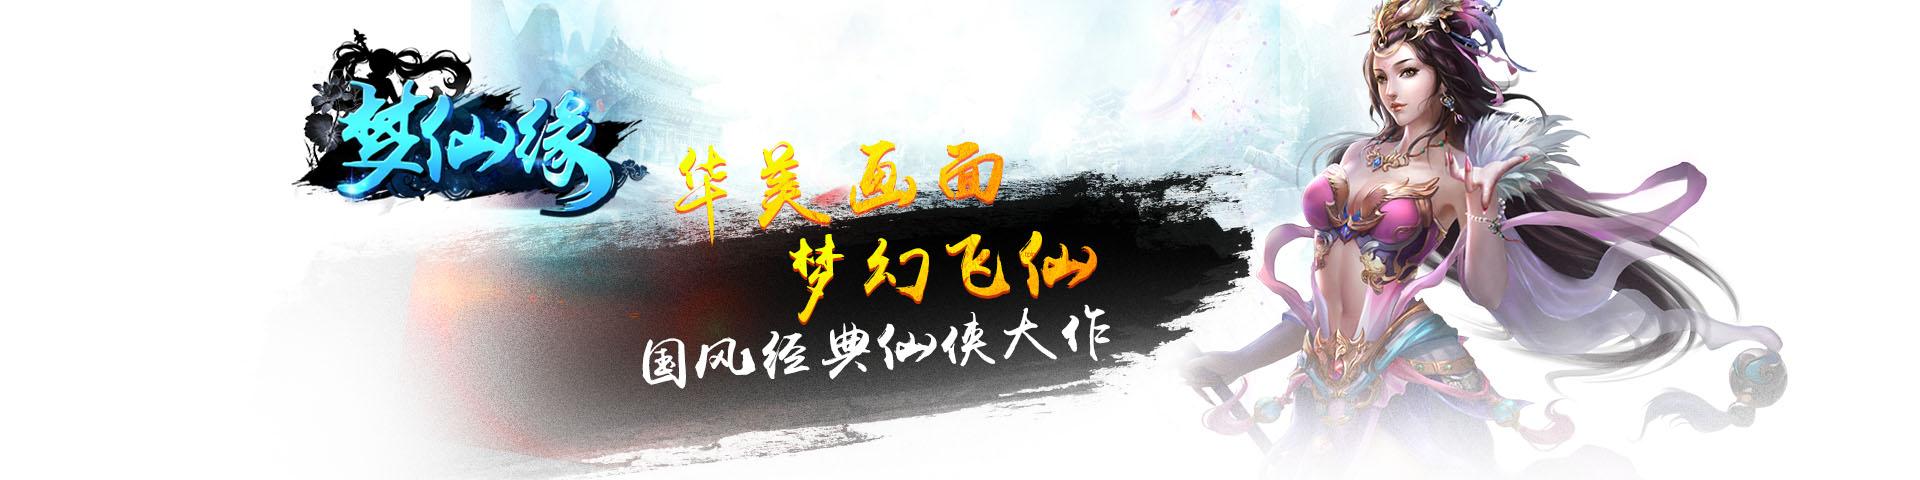 《梦仙缘》7月5日震撼首发啦 仙侣情缘不止梦